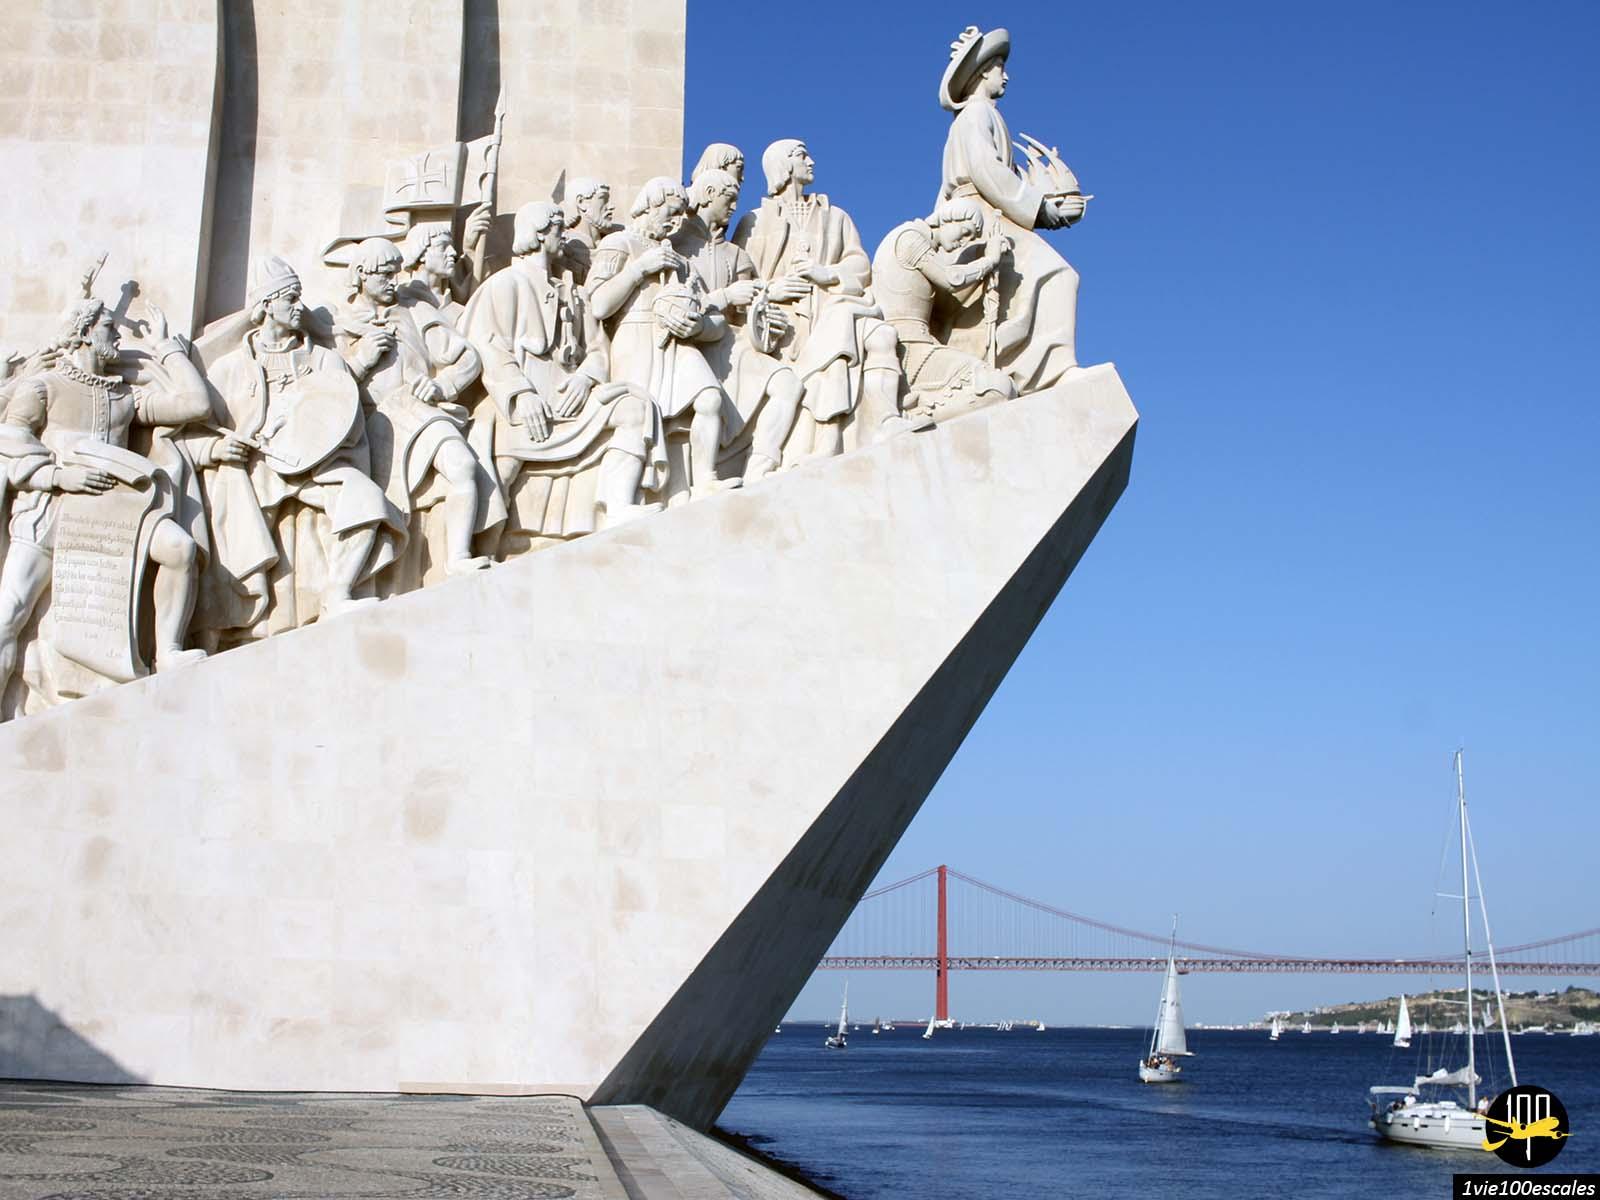 Le monument des Découvertes fut érigé dans le quartier de Belém à Lisbonne en 1960 sous le règne de Salazar